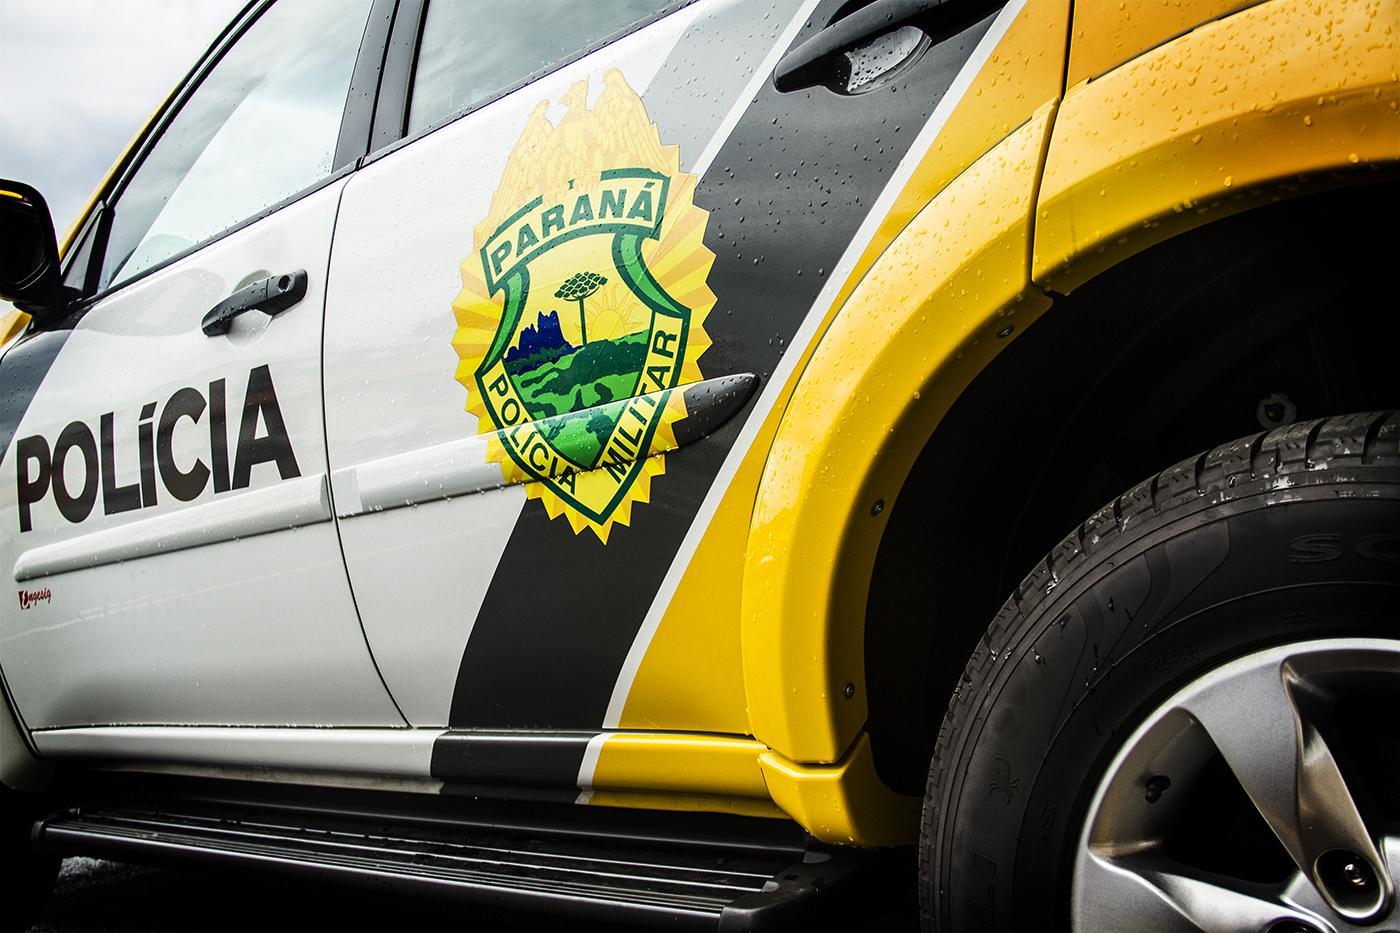 Onibus de turismo sofre tentativa de assalto na BR 277 em Cantagalo